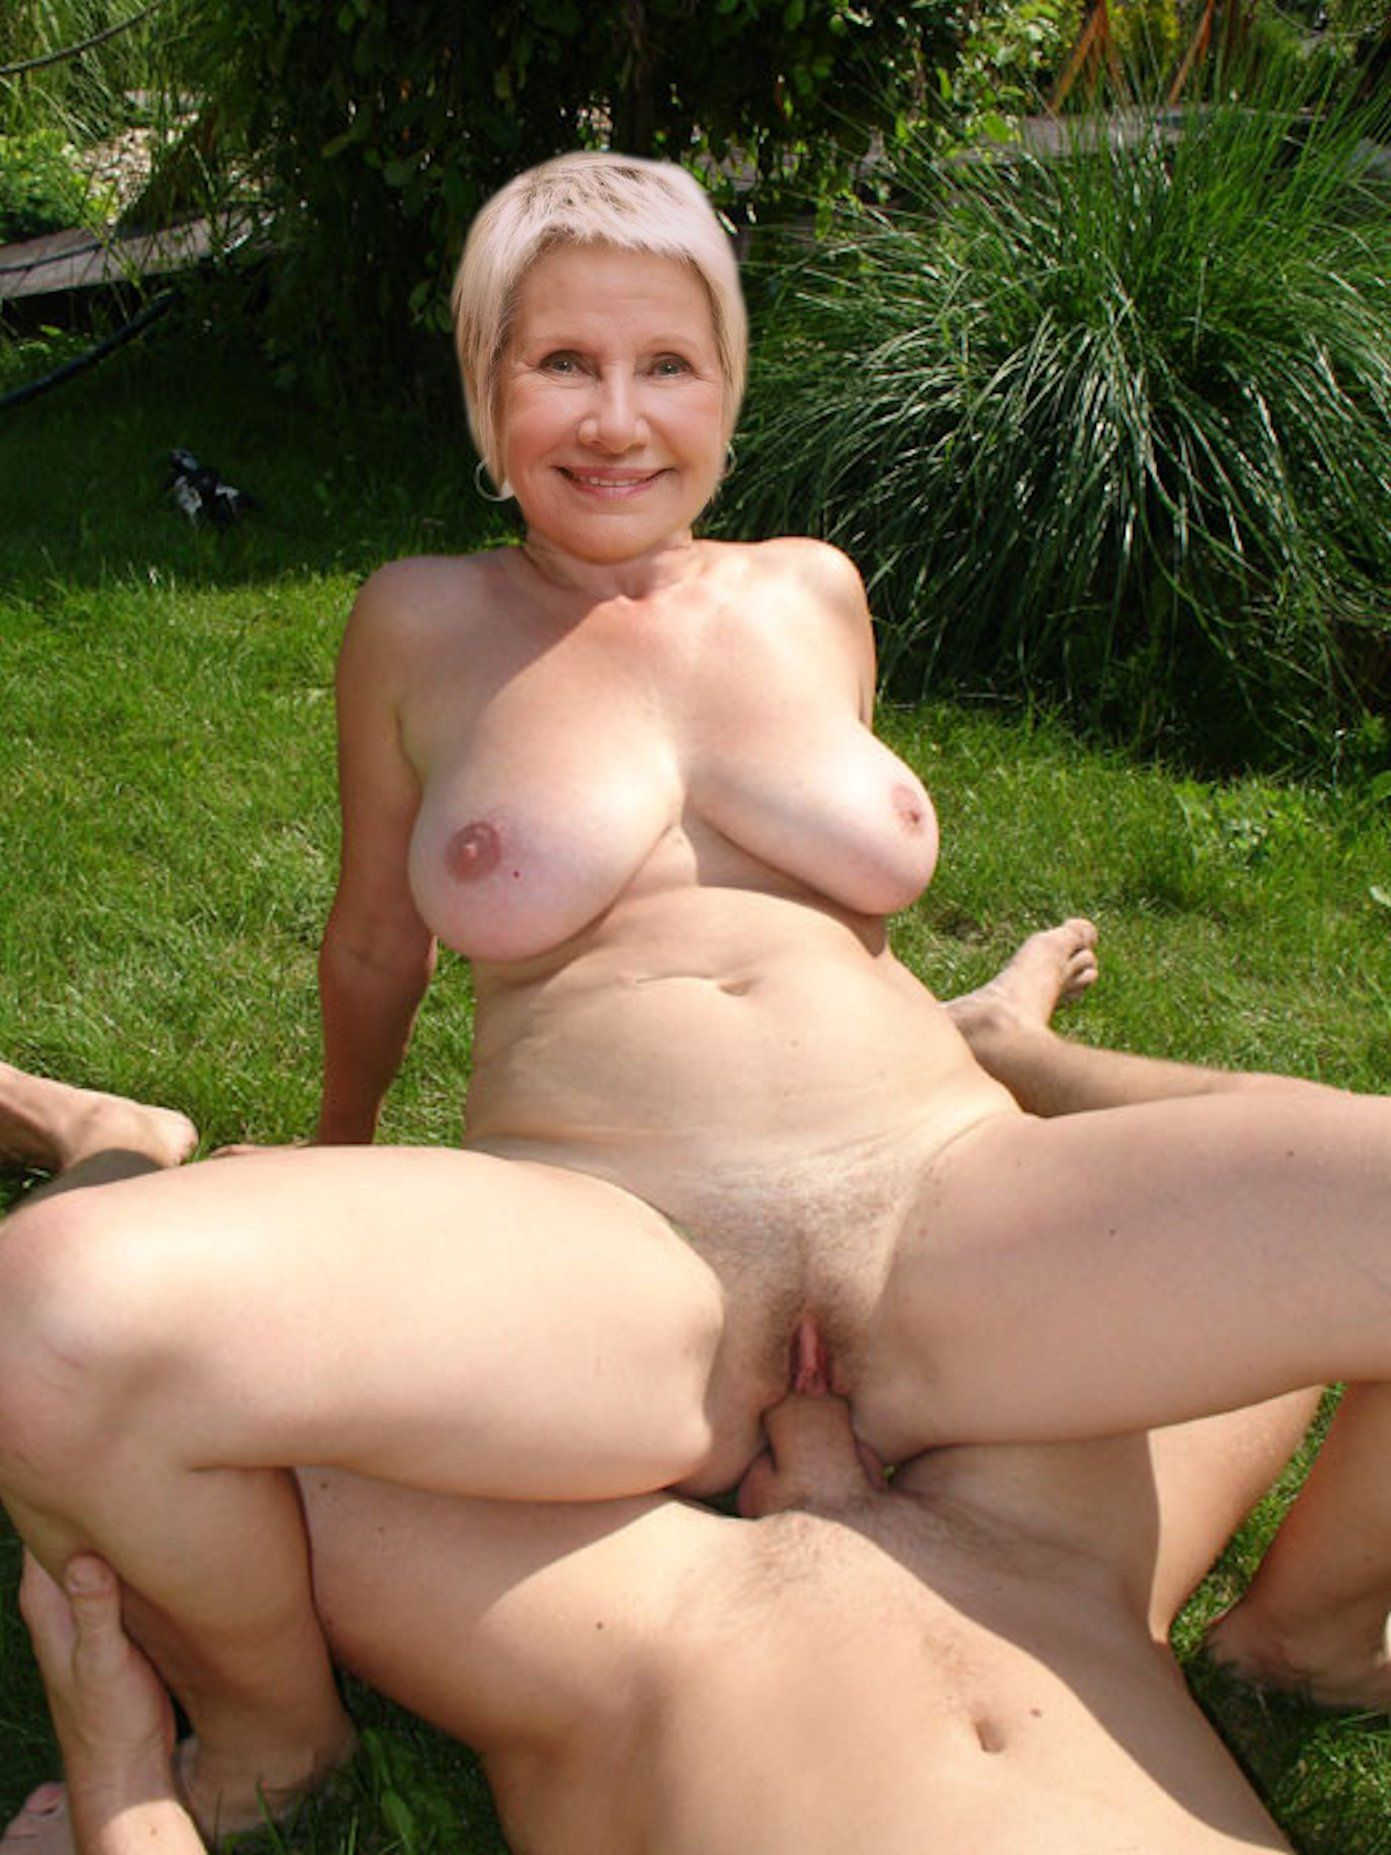 Зрелые женщины на природе порно фото